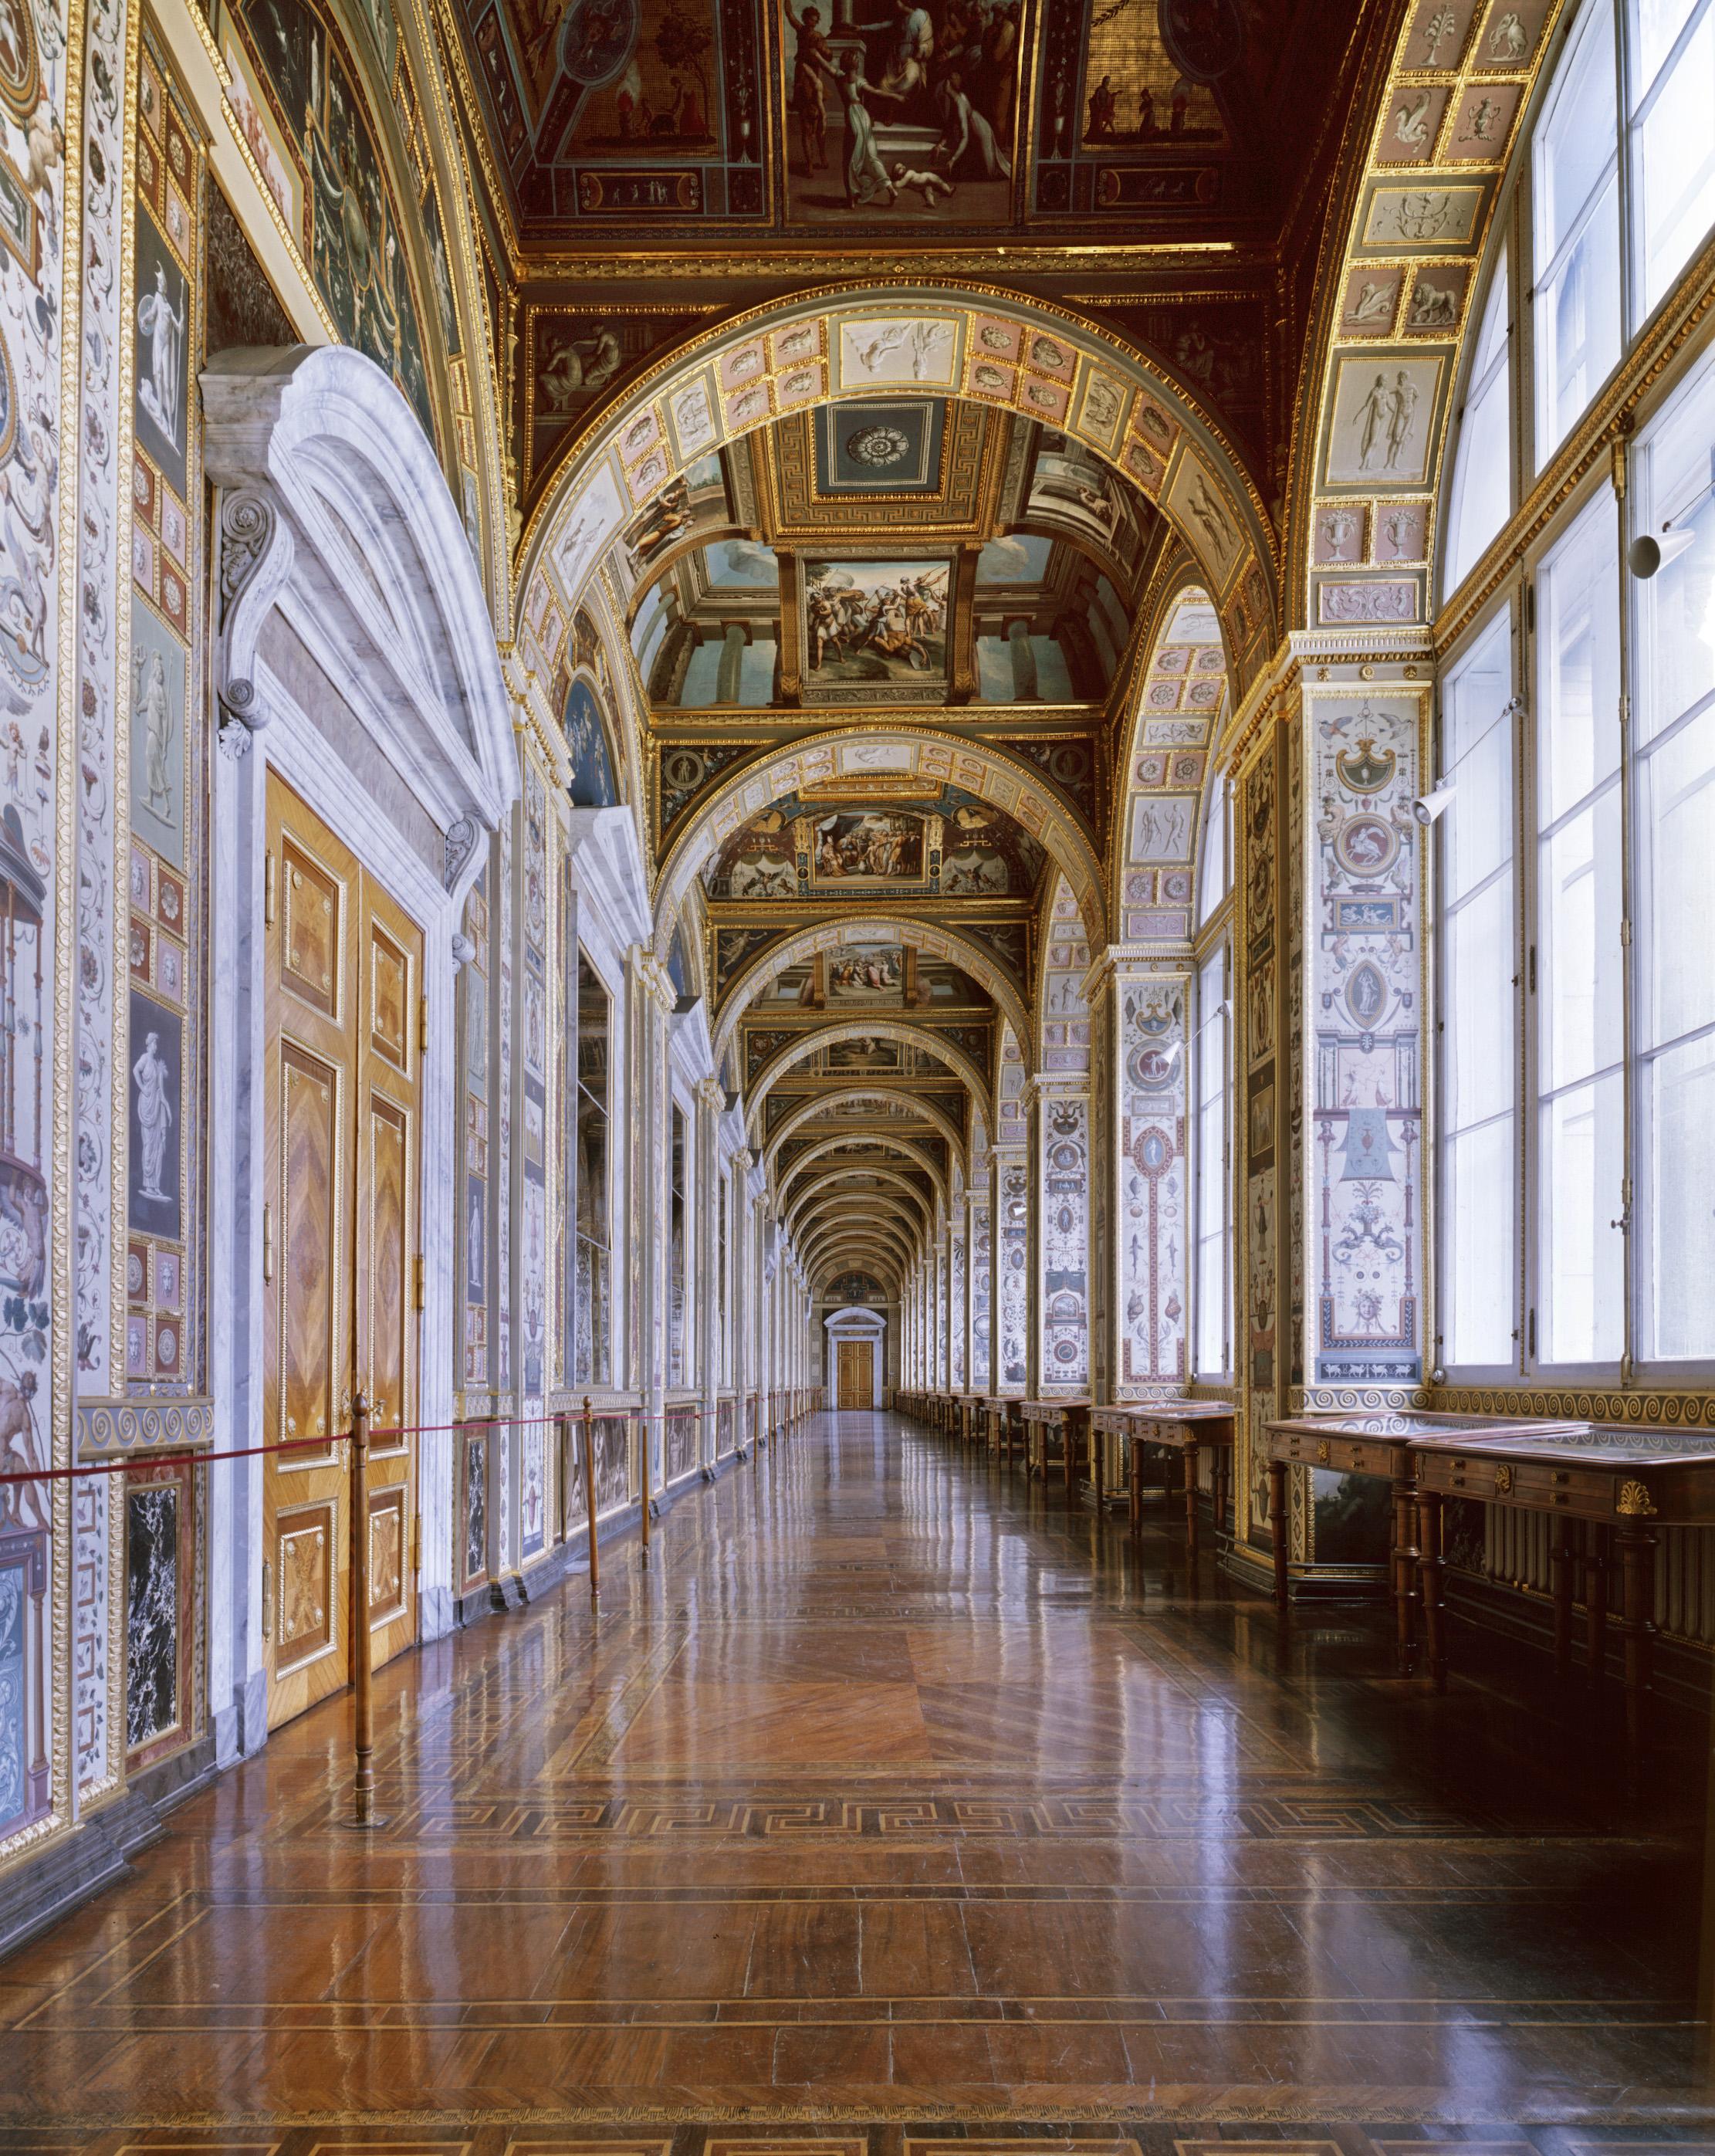 Galerie des Loges de Raphaël, Musée de l'Ermitage - Saint-Pétersbourg 2008